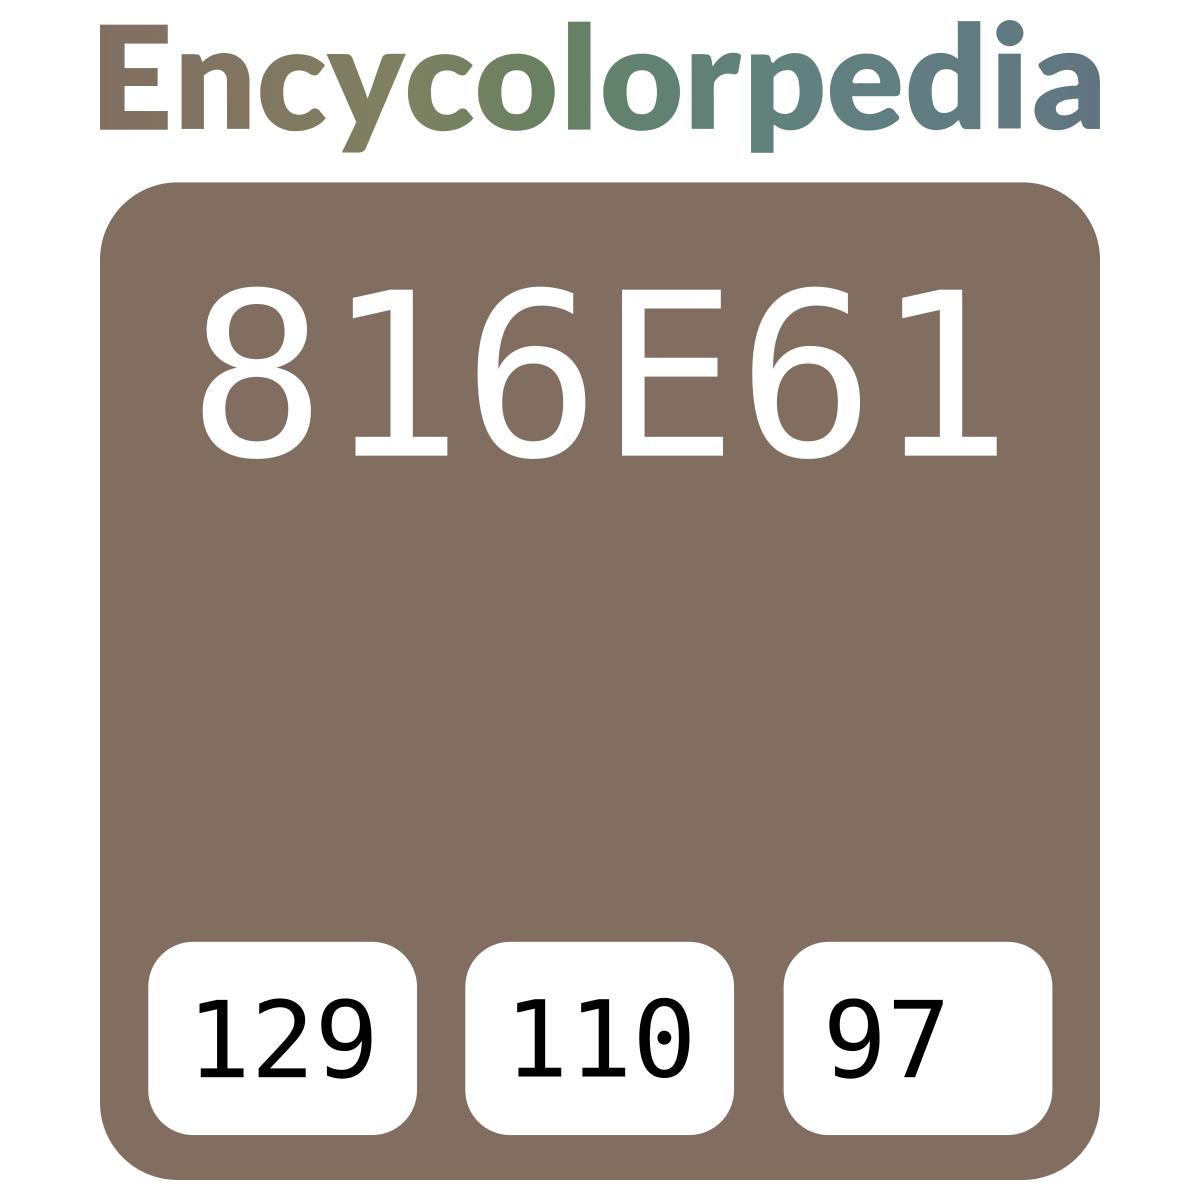 816E61 Schémas De Couleurs Hexadécimal Et Peintures concernant Code Couleur Taupe